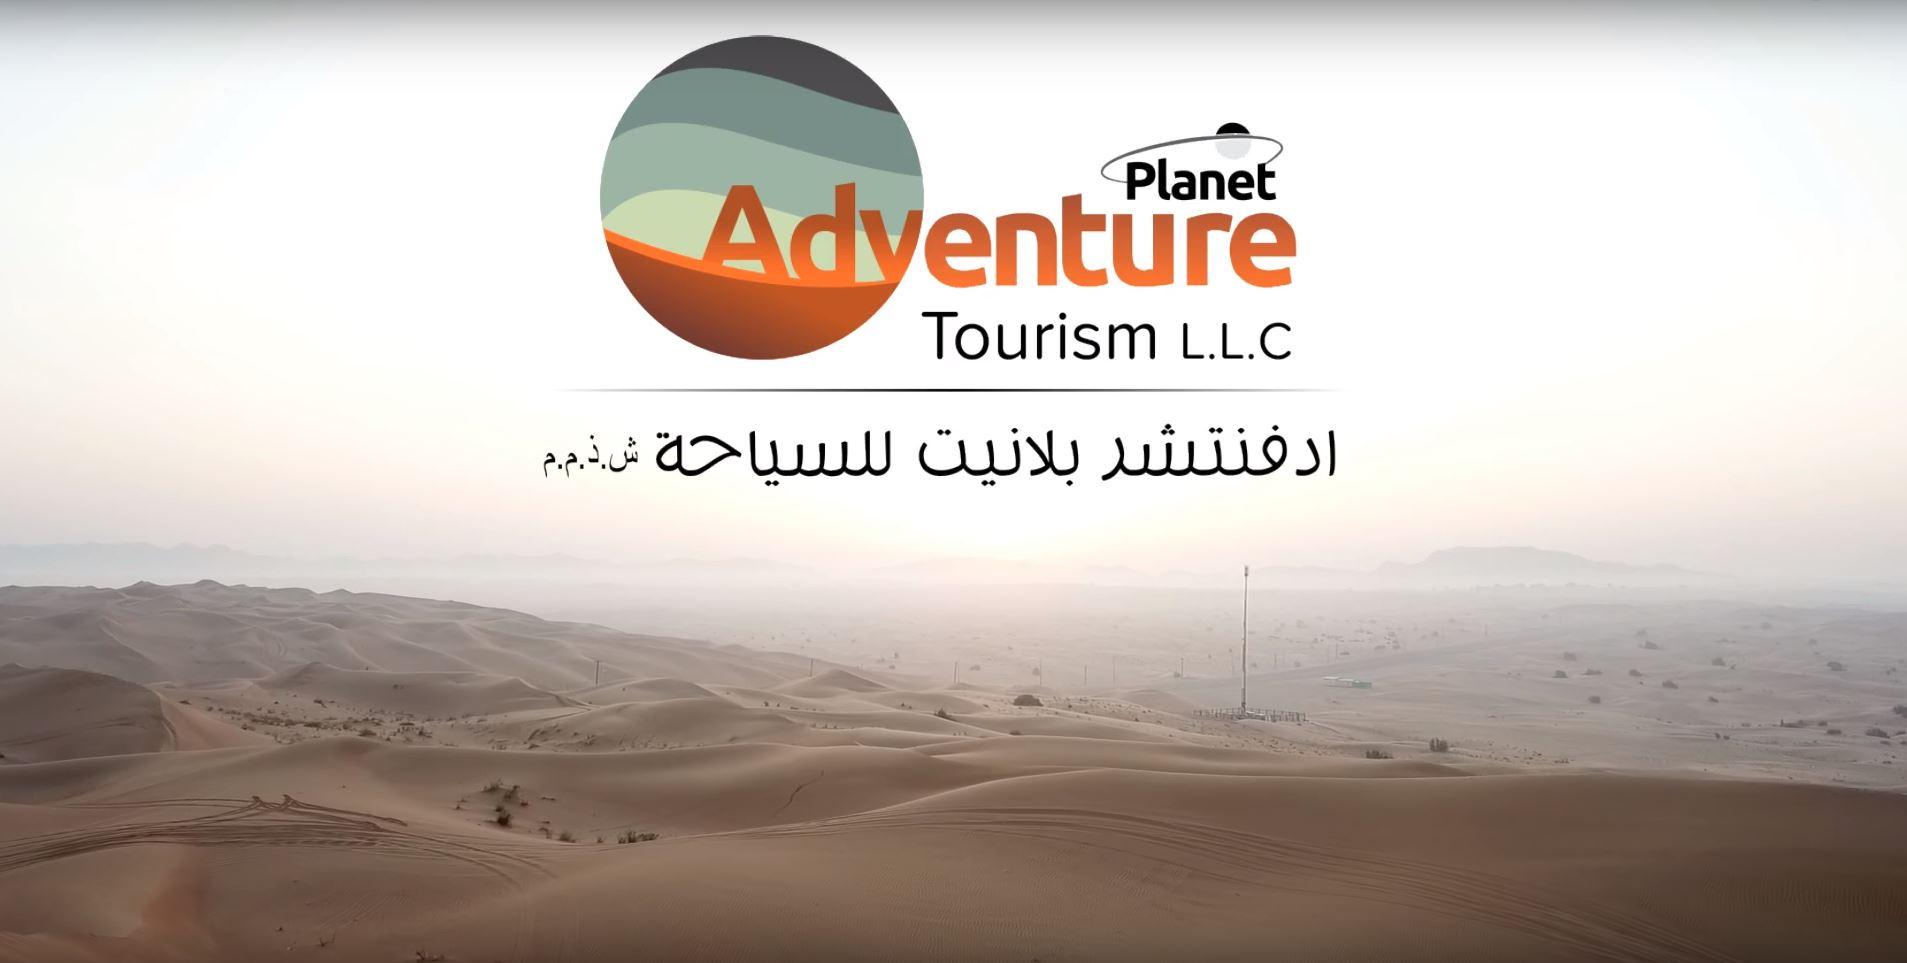 Adventure Planet Tourism L.L.C